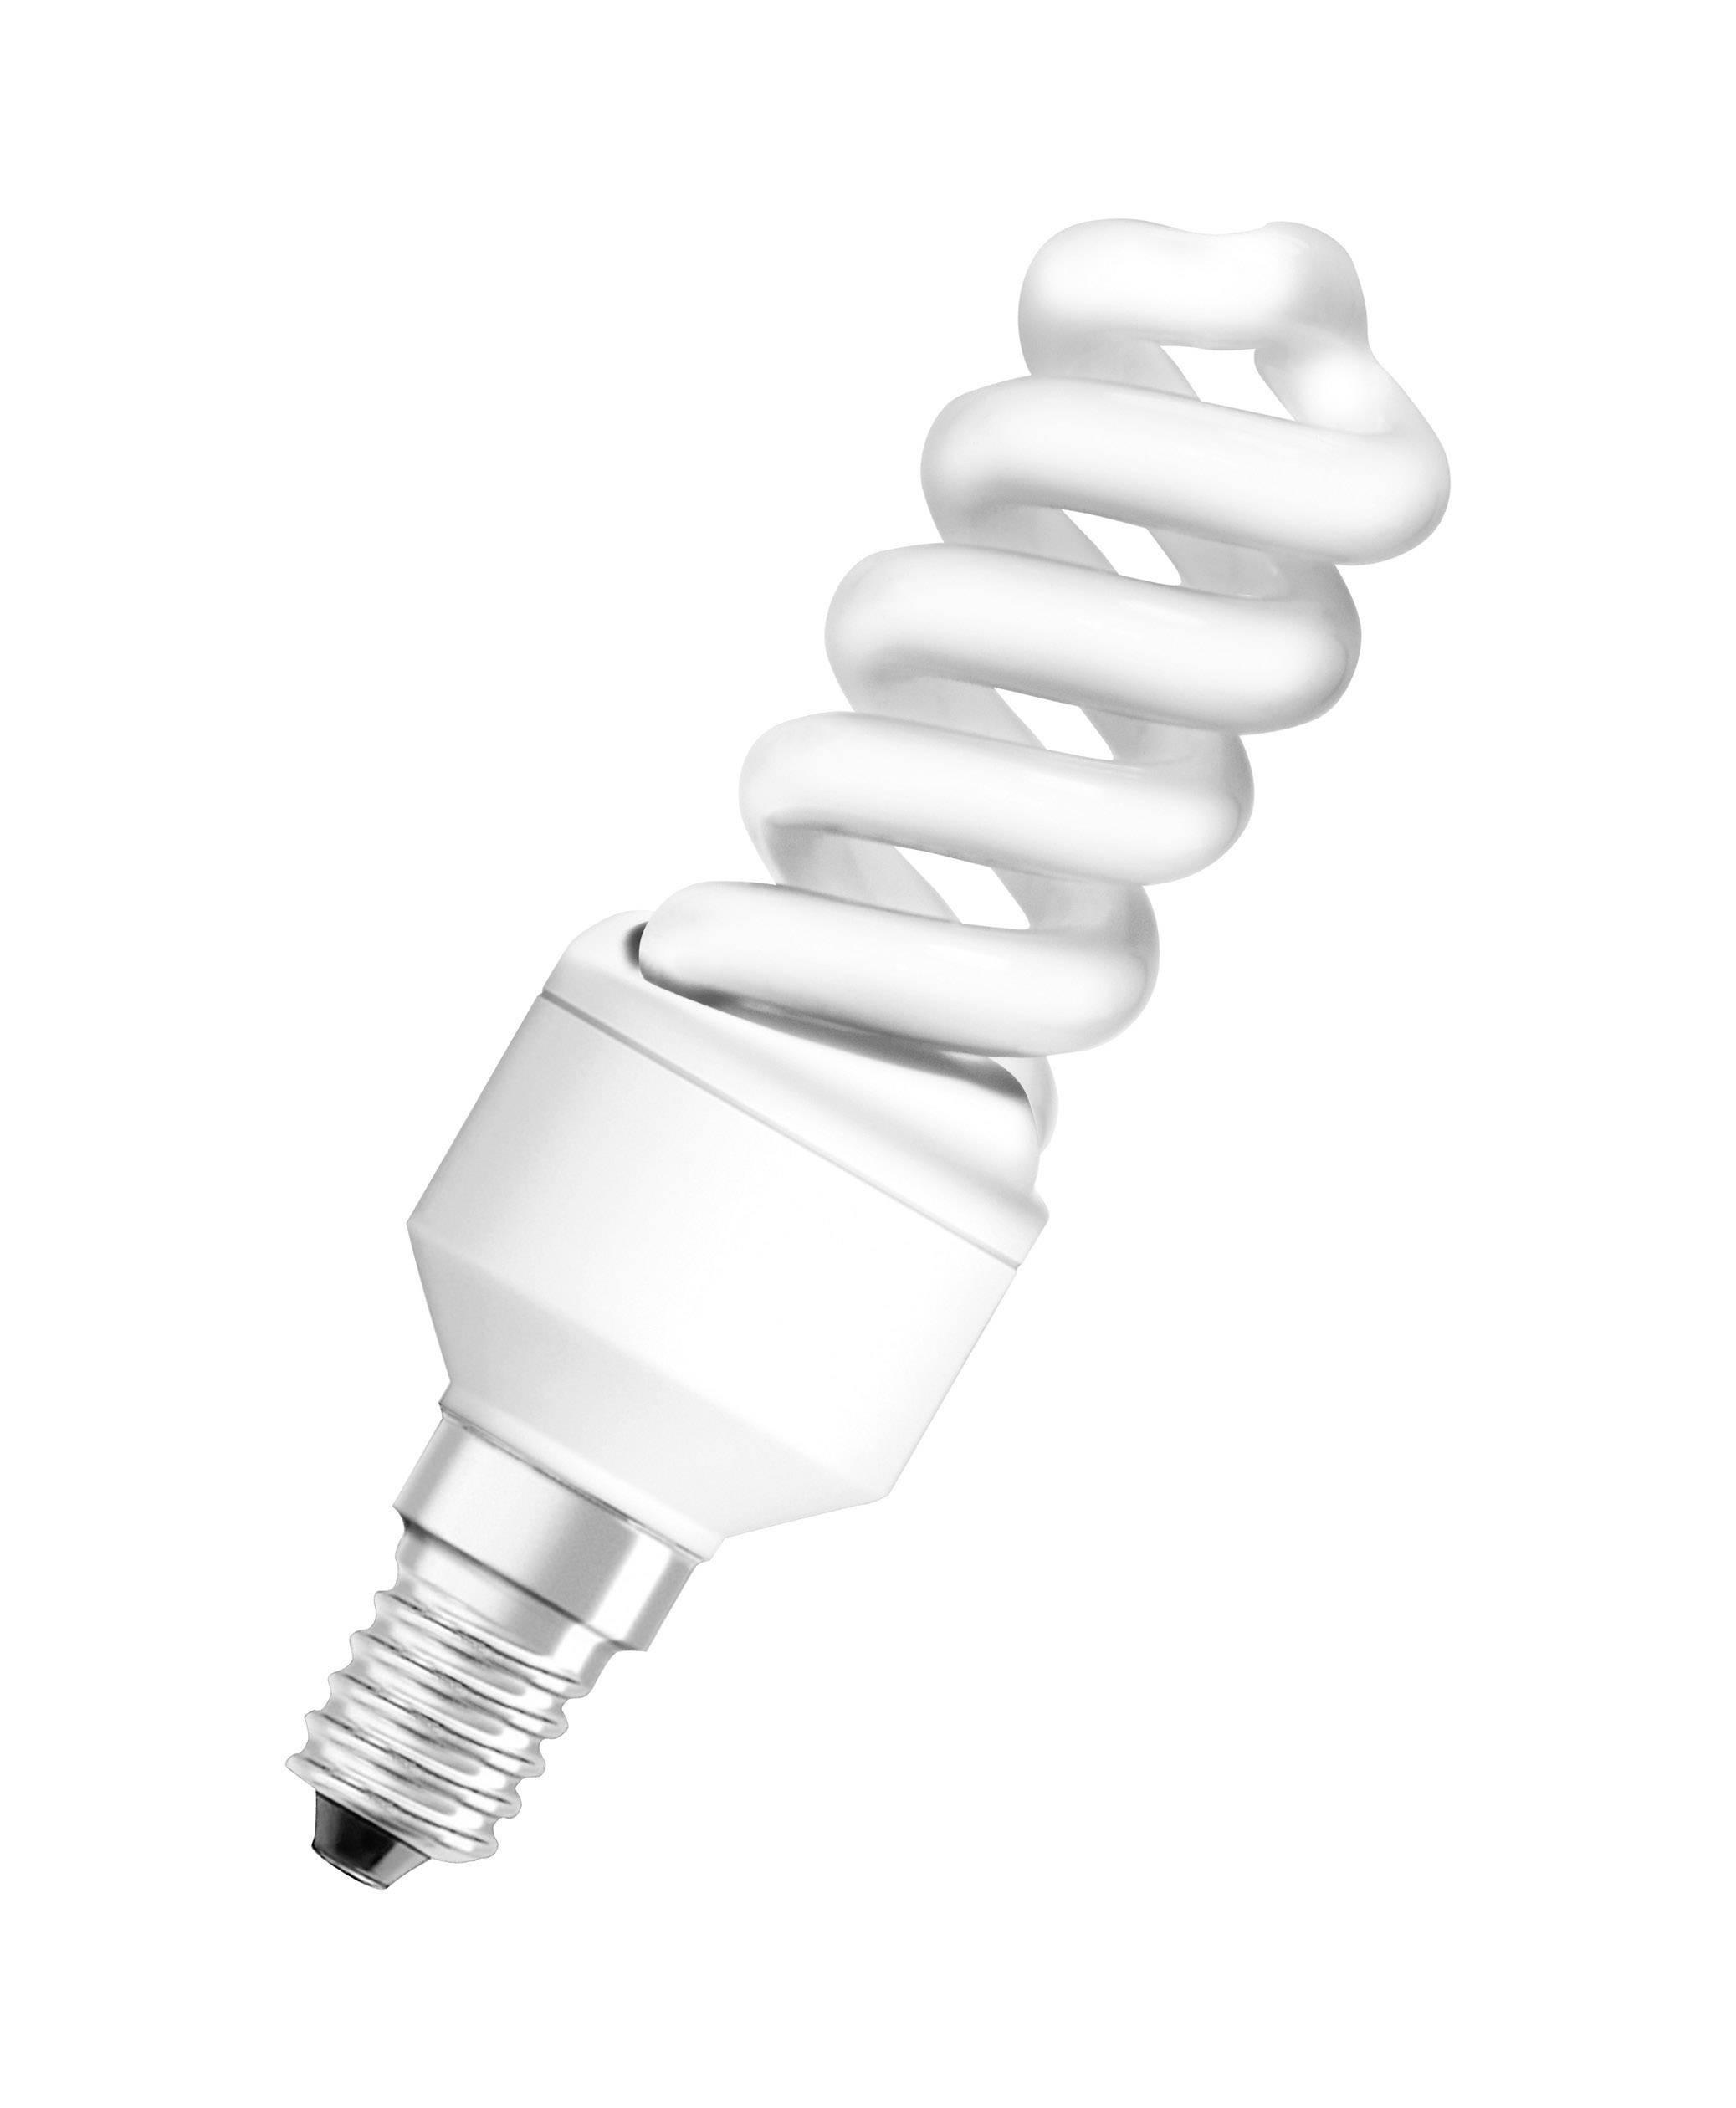 Úsporná žiarovka špirálová Osram Superstar Nano Twist E14, 9 W, studená biela